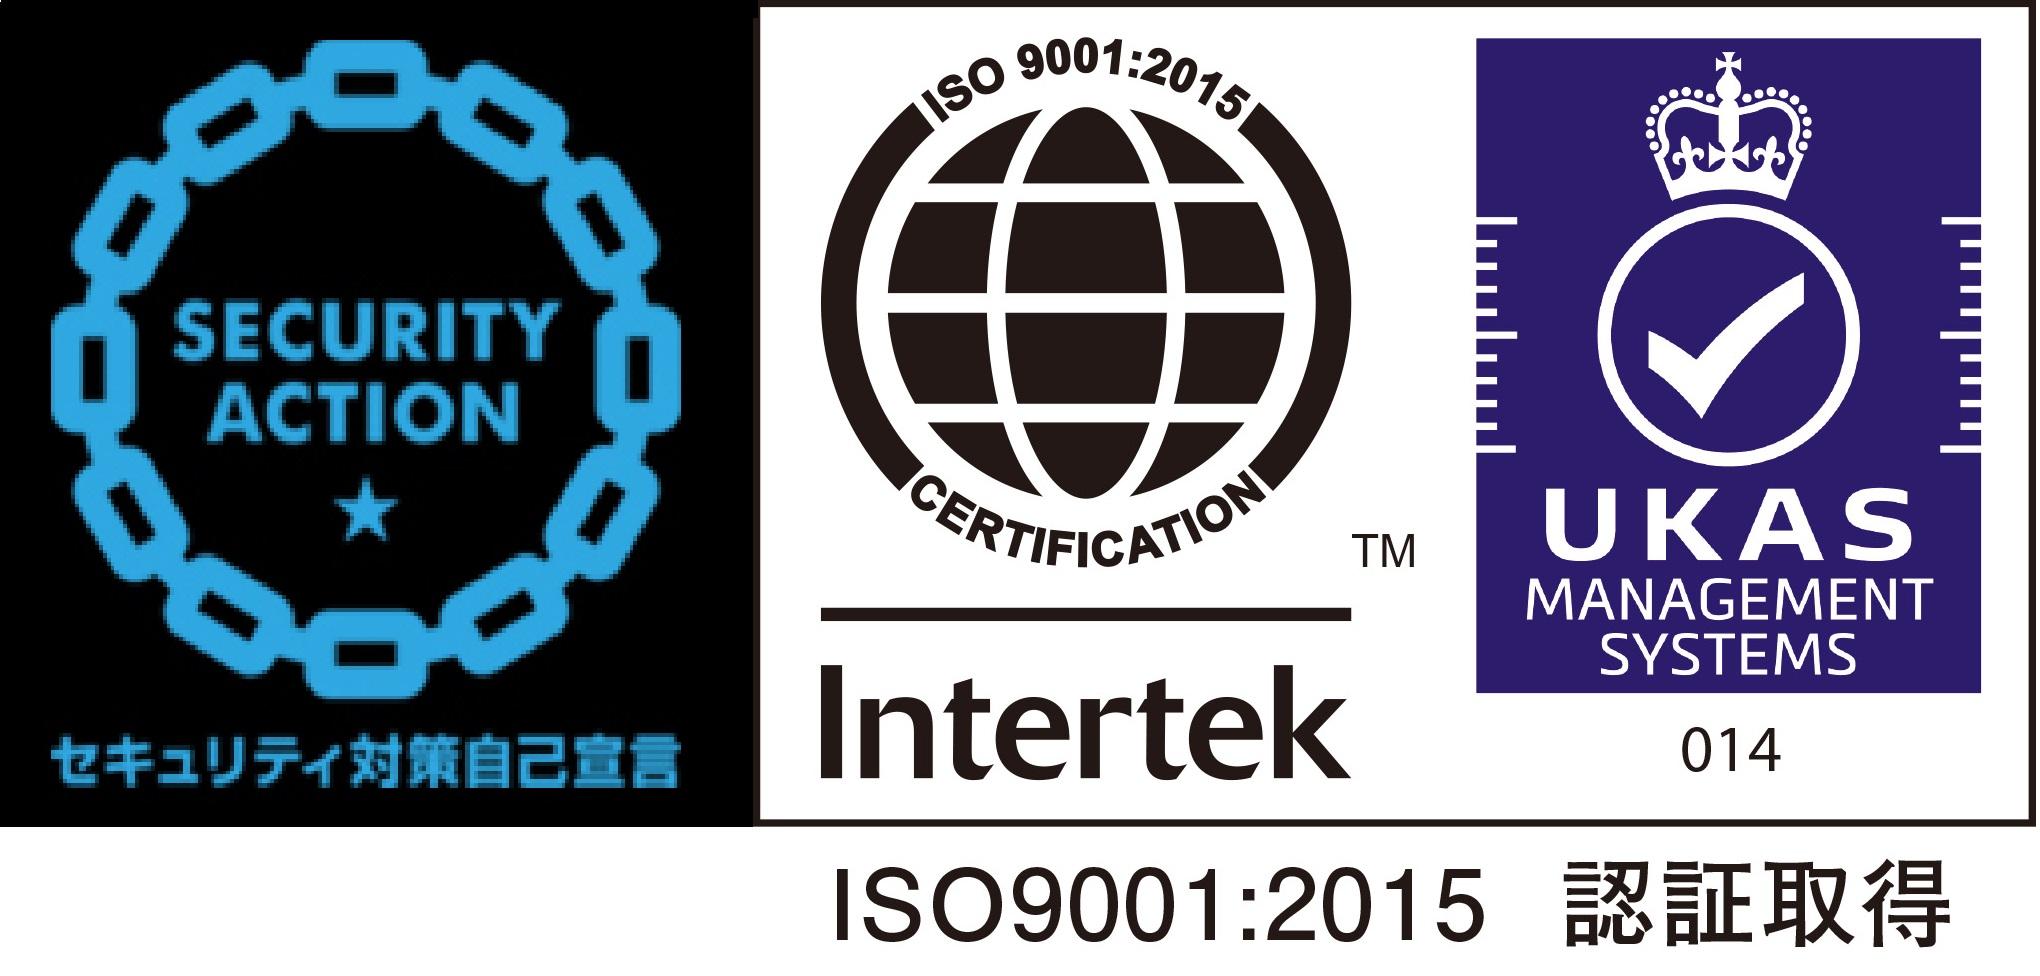 SECURITY ACTION セキュリティ対策自己宣言 ISO9001